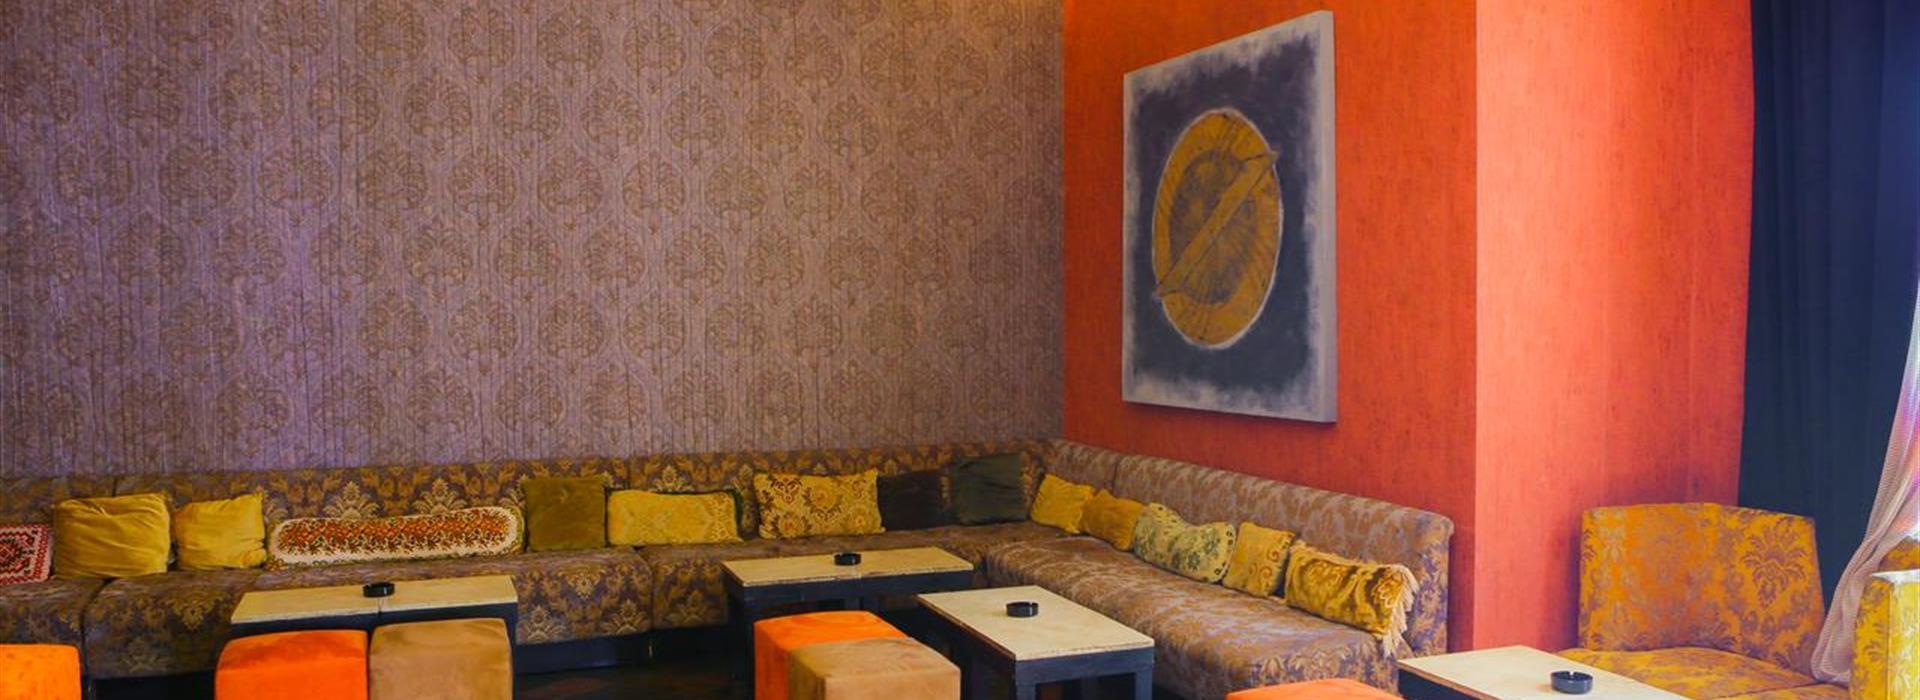 Sheki-Saray-Hotel